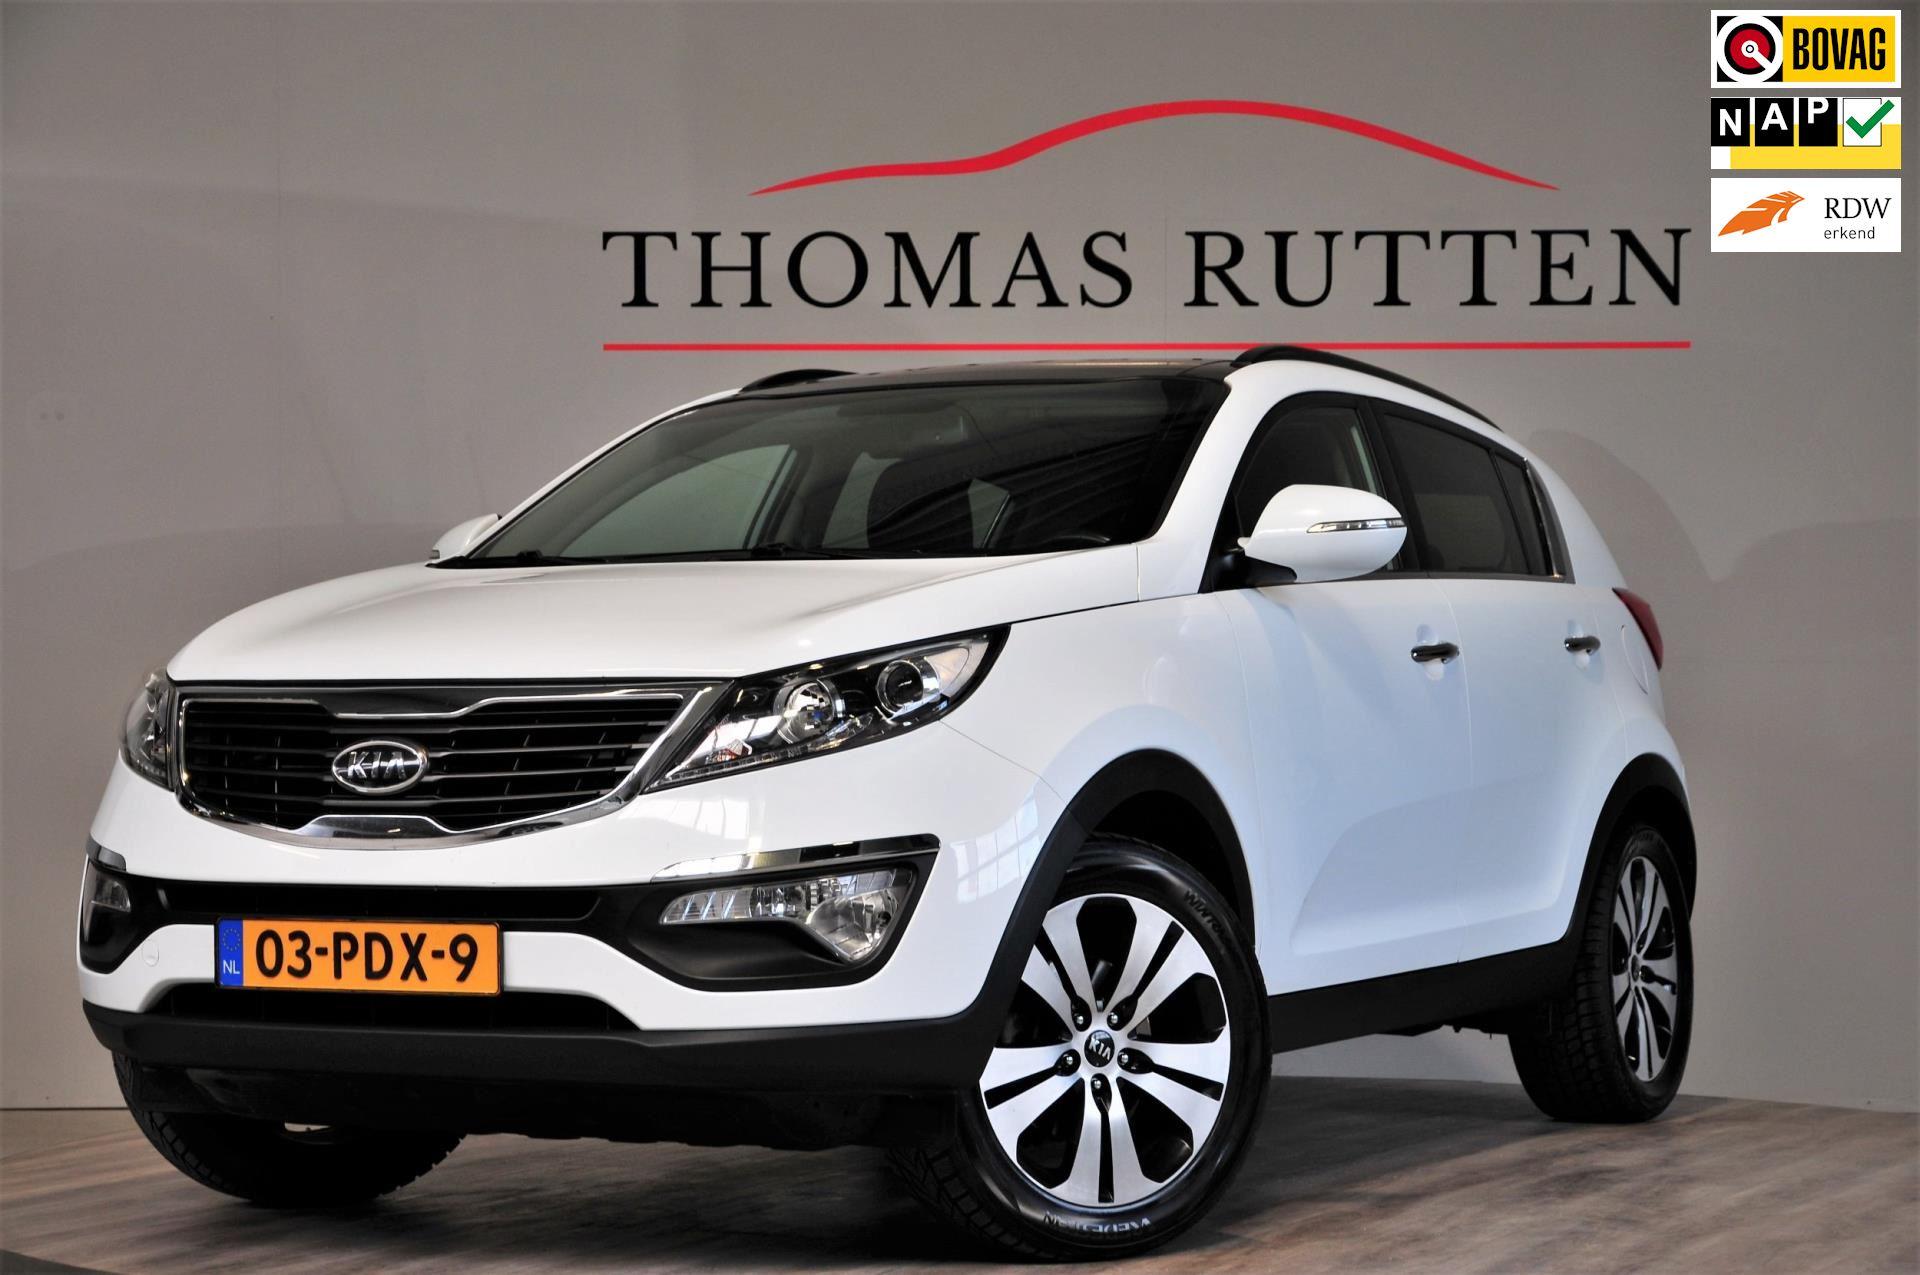 Kia Sportage occasion - Autobedrijf Thomas Rutten